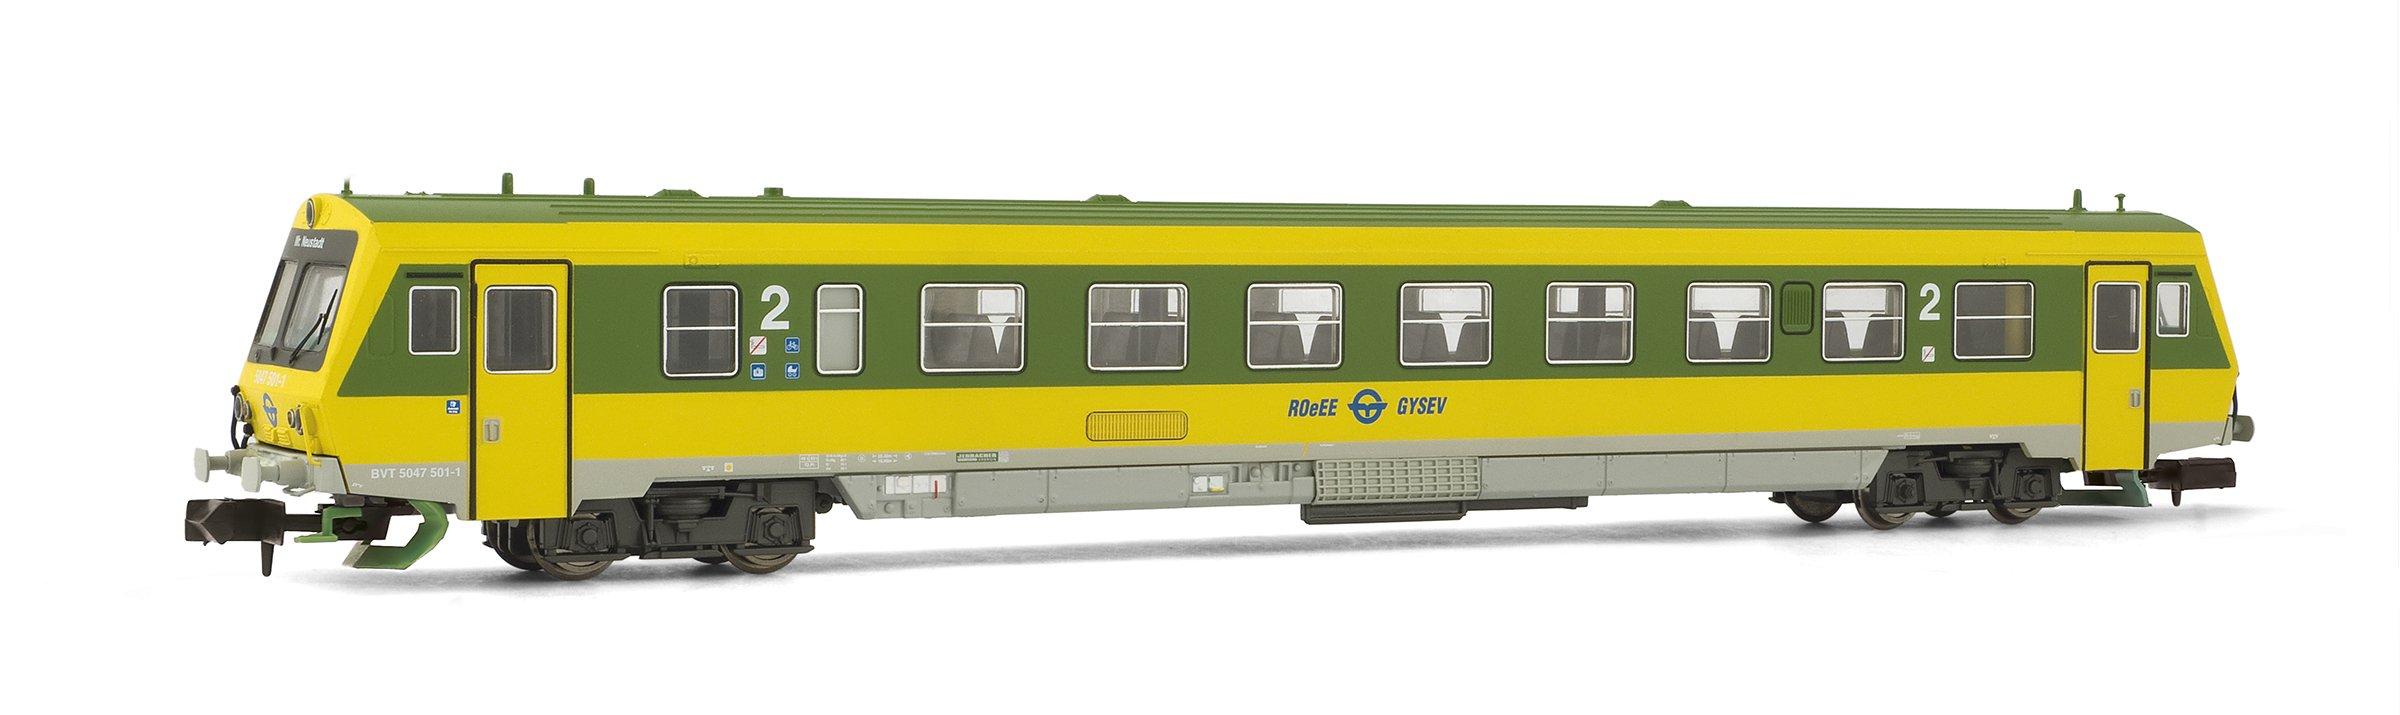 Arnold HN2279-Diesel Triebwagen Range 5047GySEV, Green/Yellow